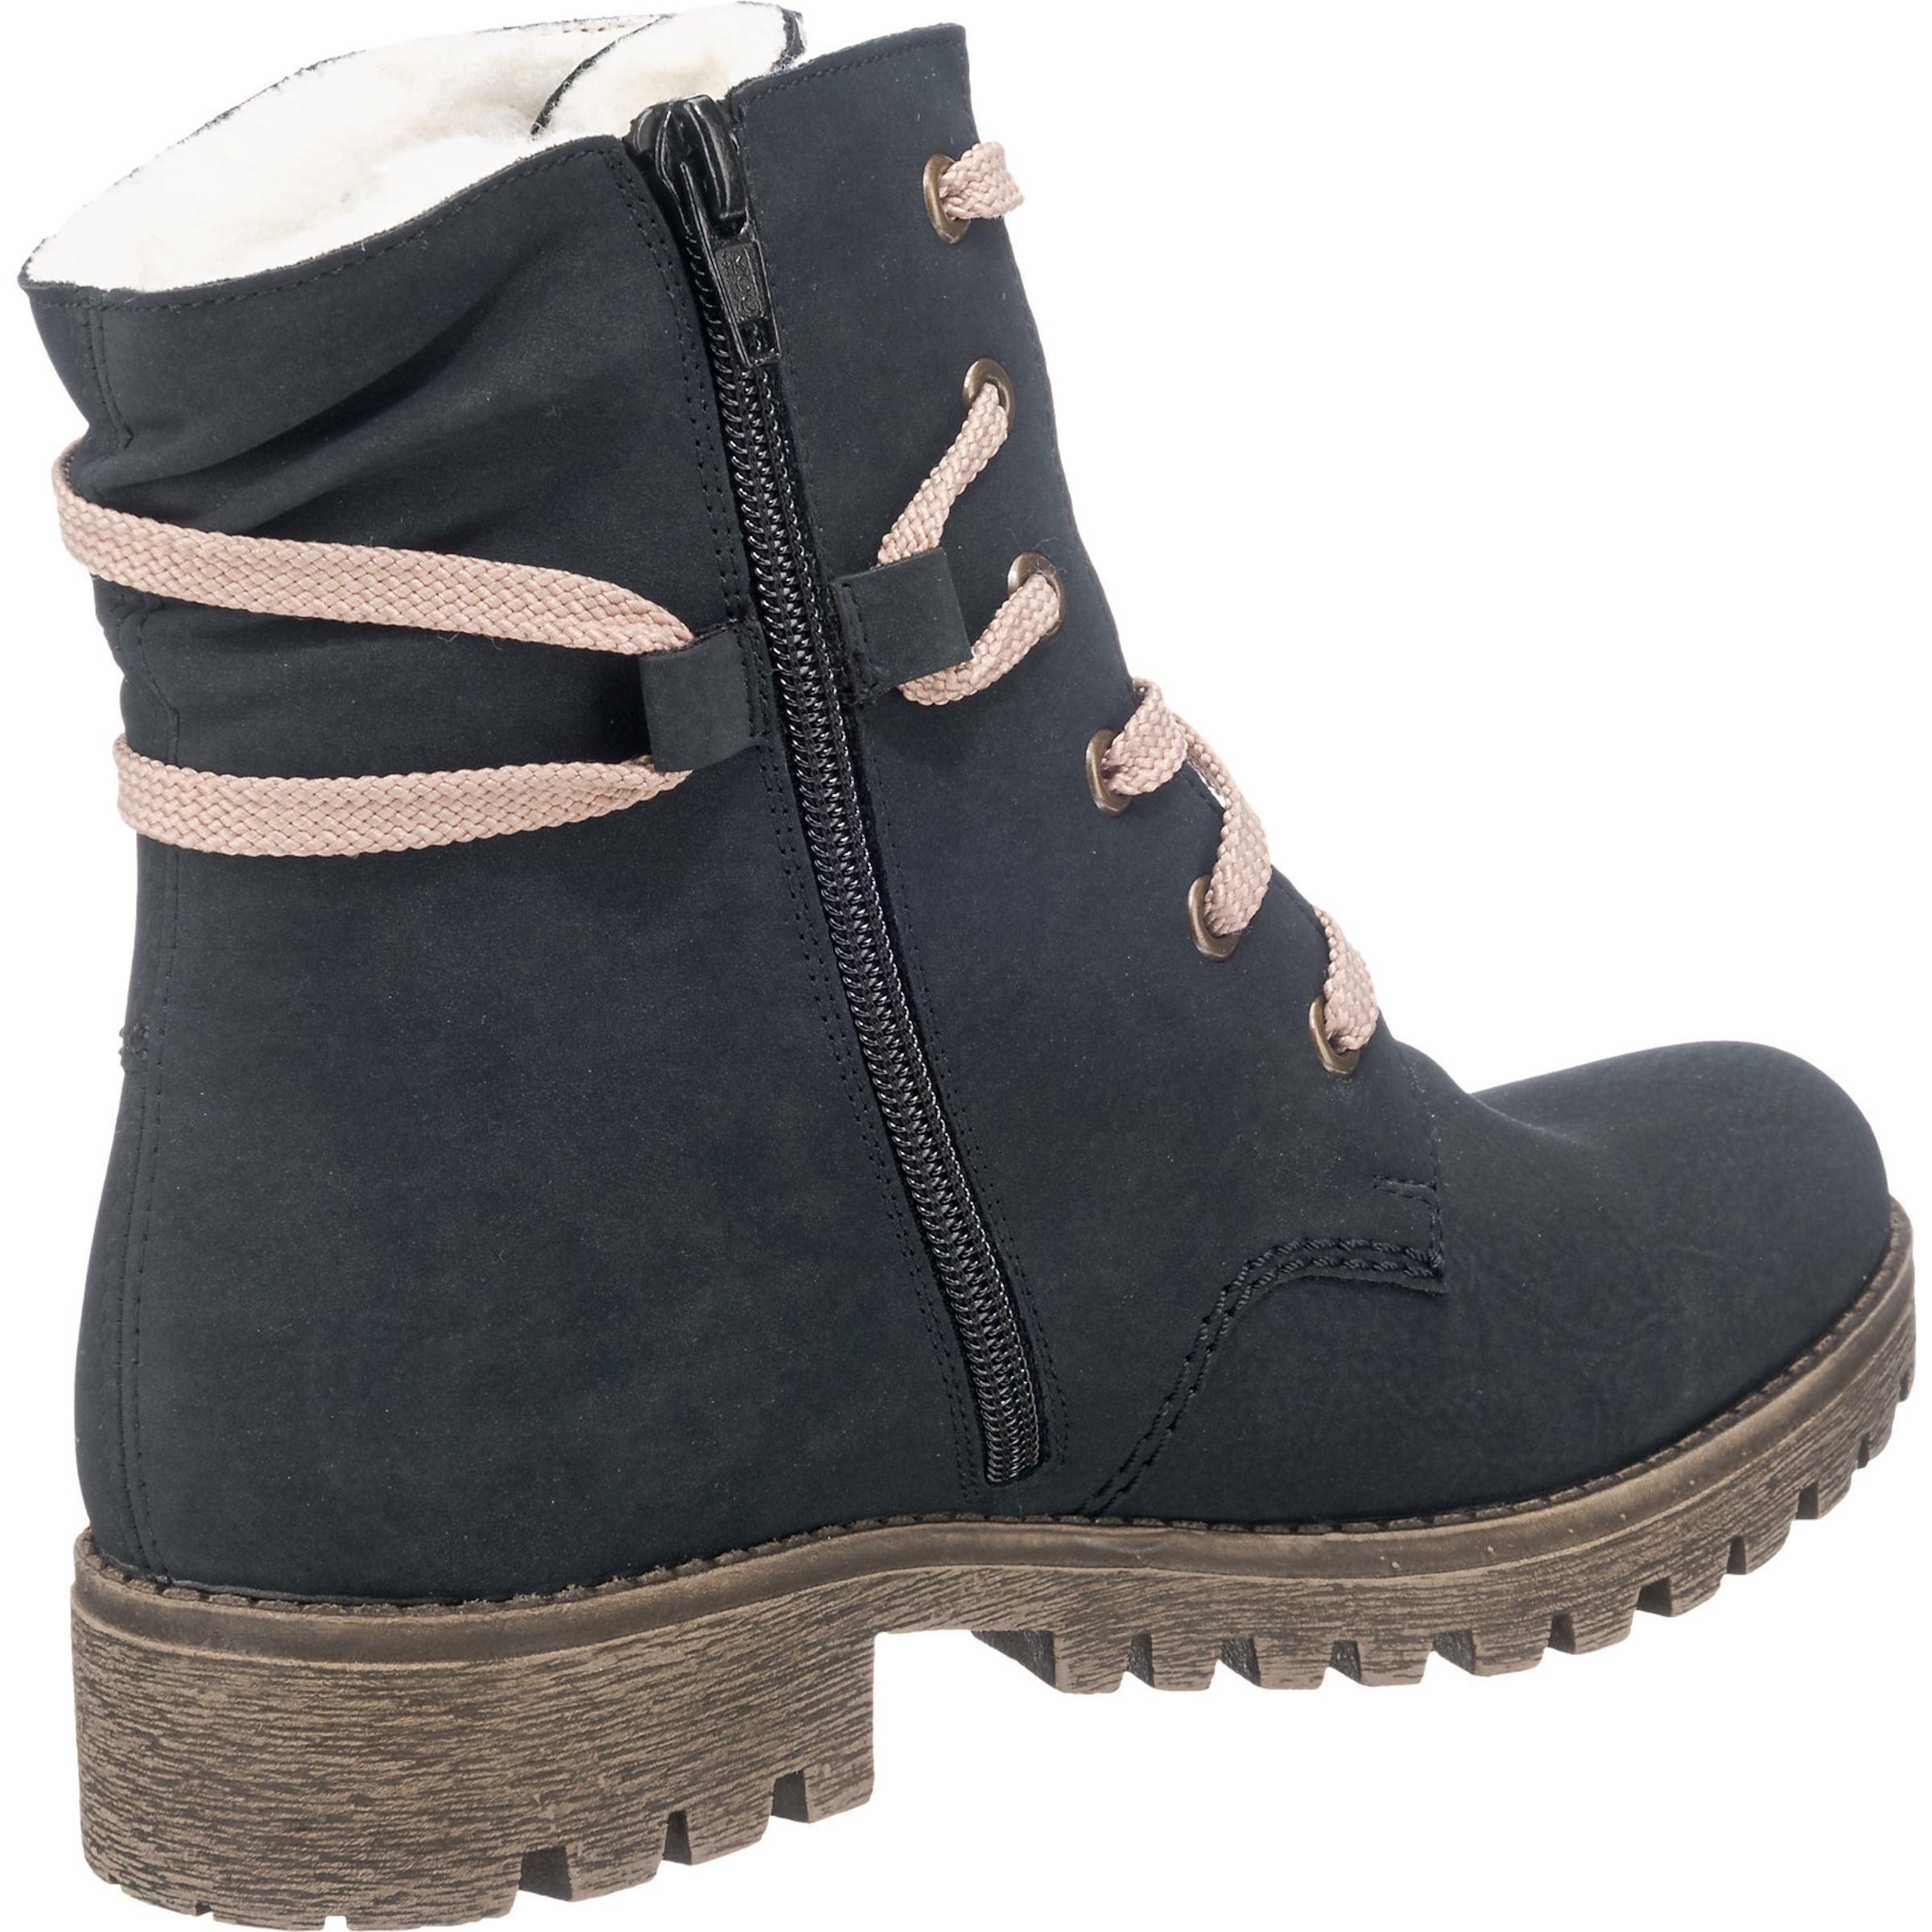 Boots Rieker Nuit Nuit En En Bleu Rieker Bleu Boots Rieker b6gv7yIYfm